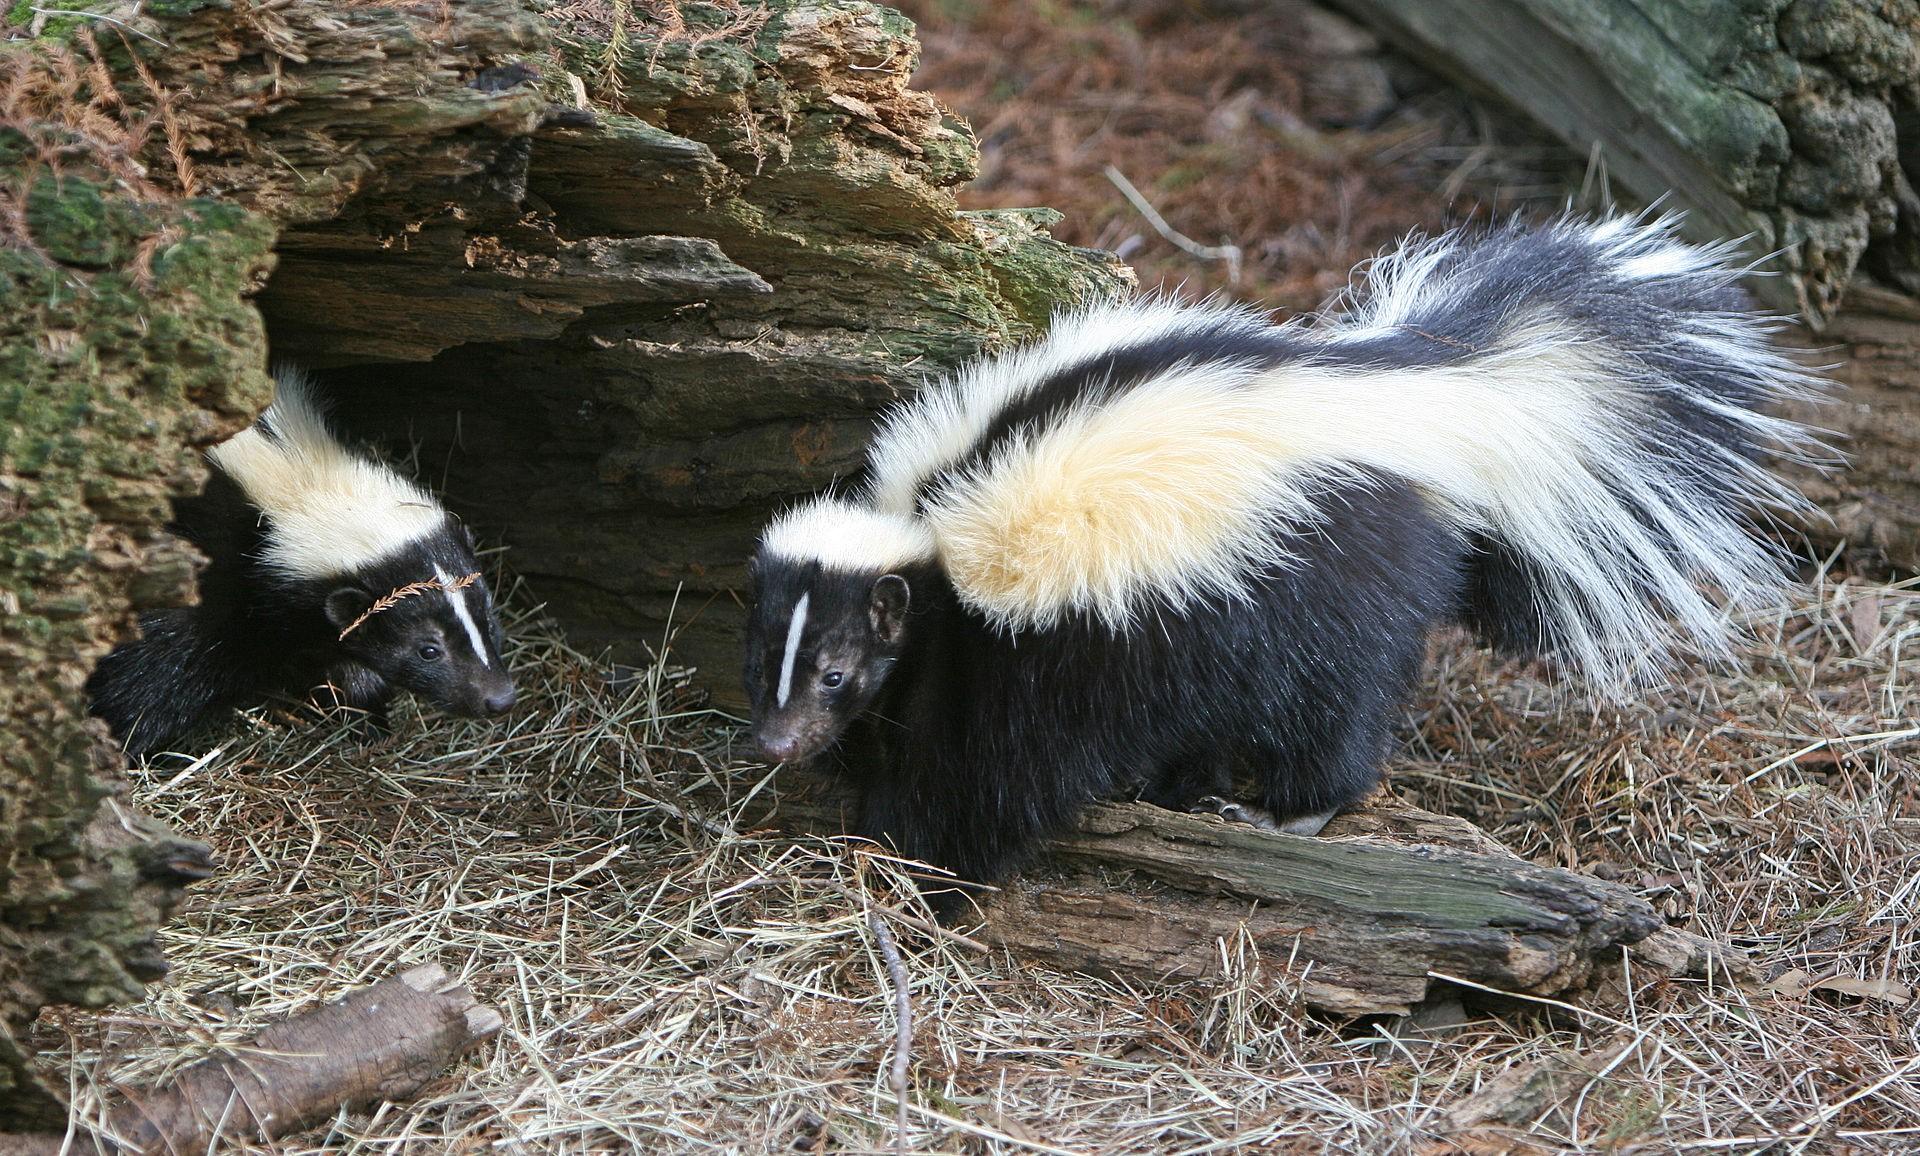 Skunks striped